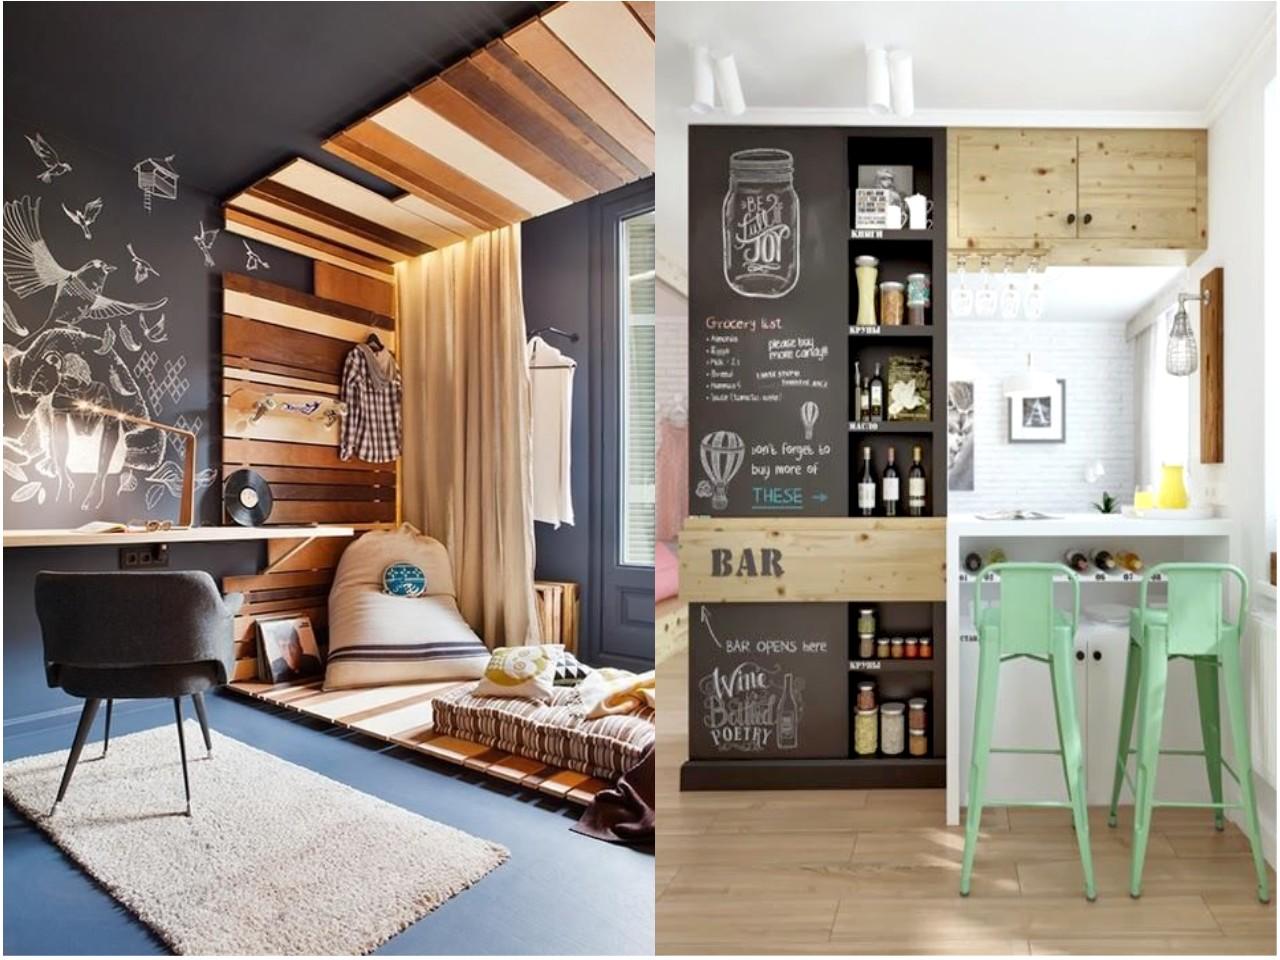 Las 6 mejores ideas de decoraci n con pizarras para casa - Adornos para la casa ...